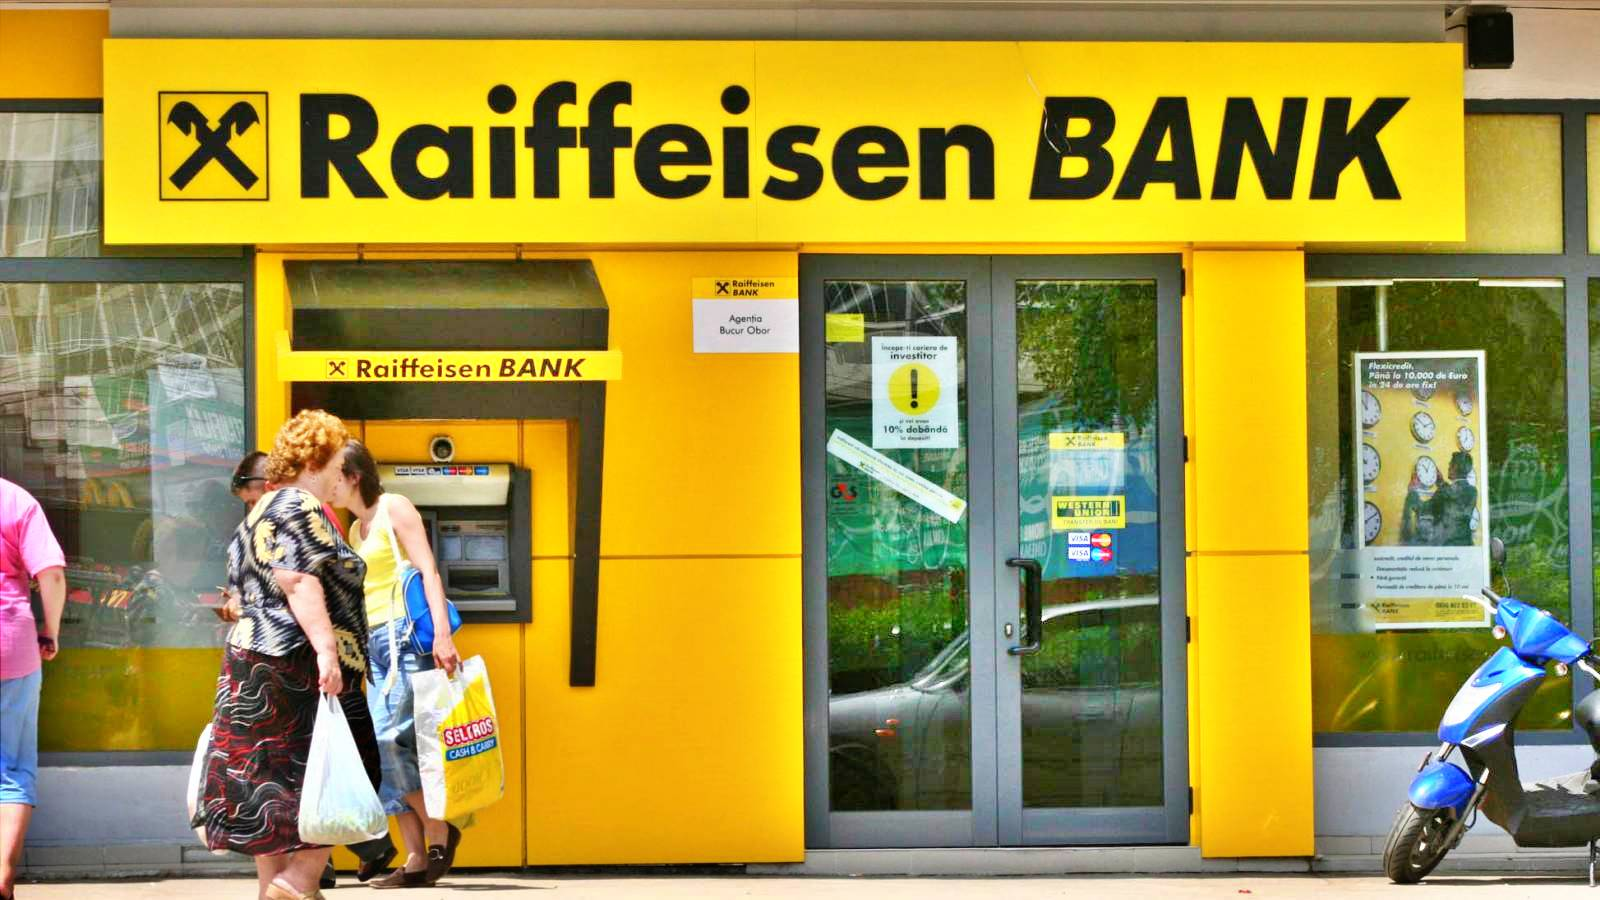 Raiffeisen Bank preferential